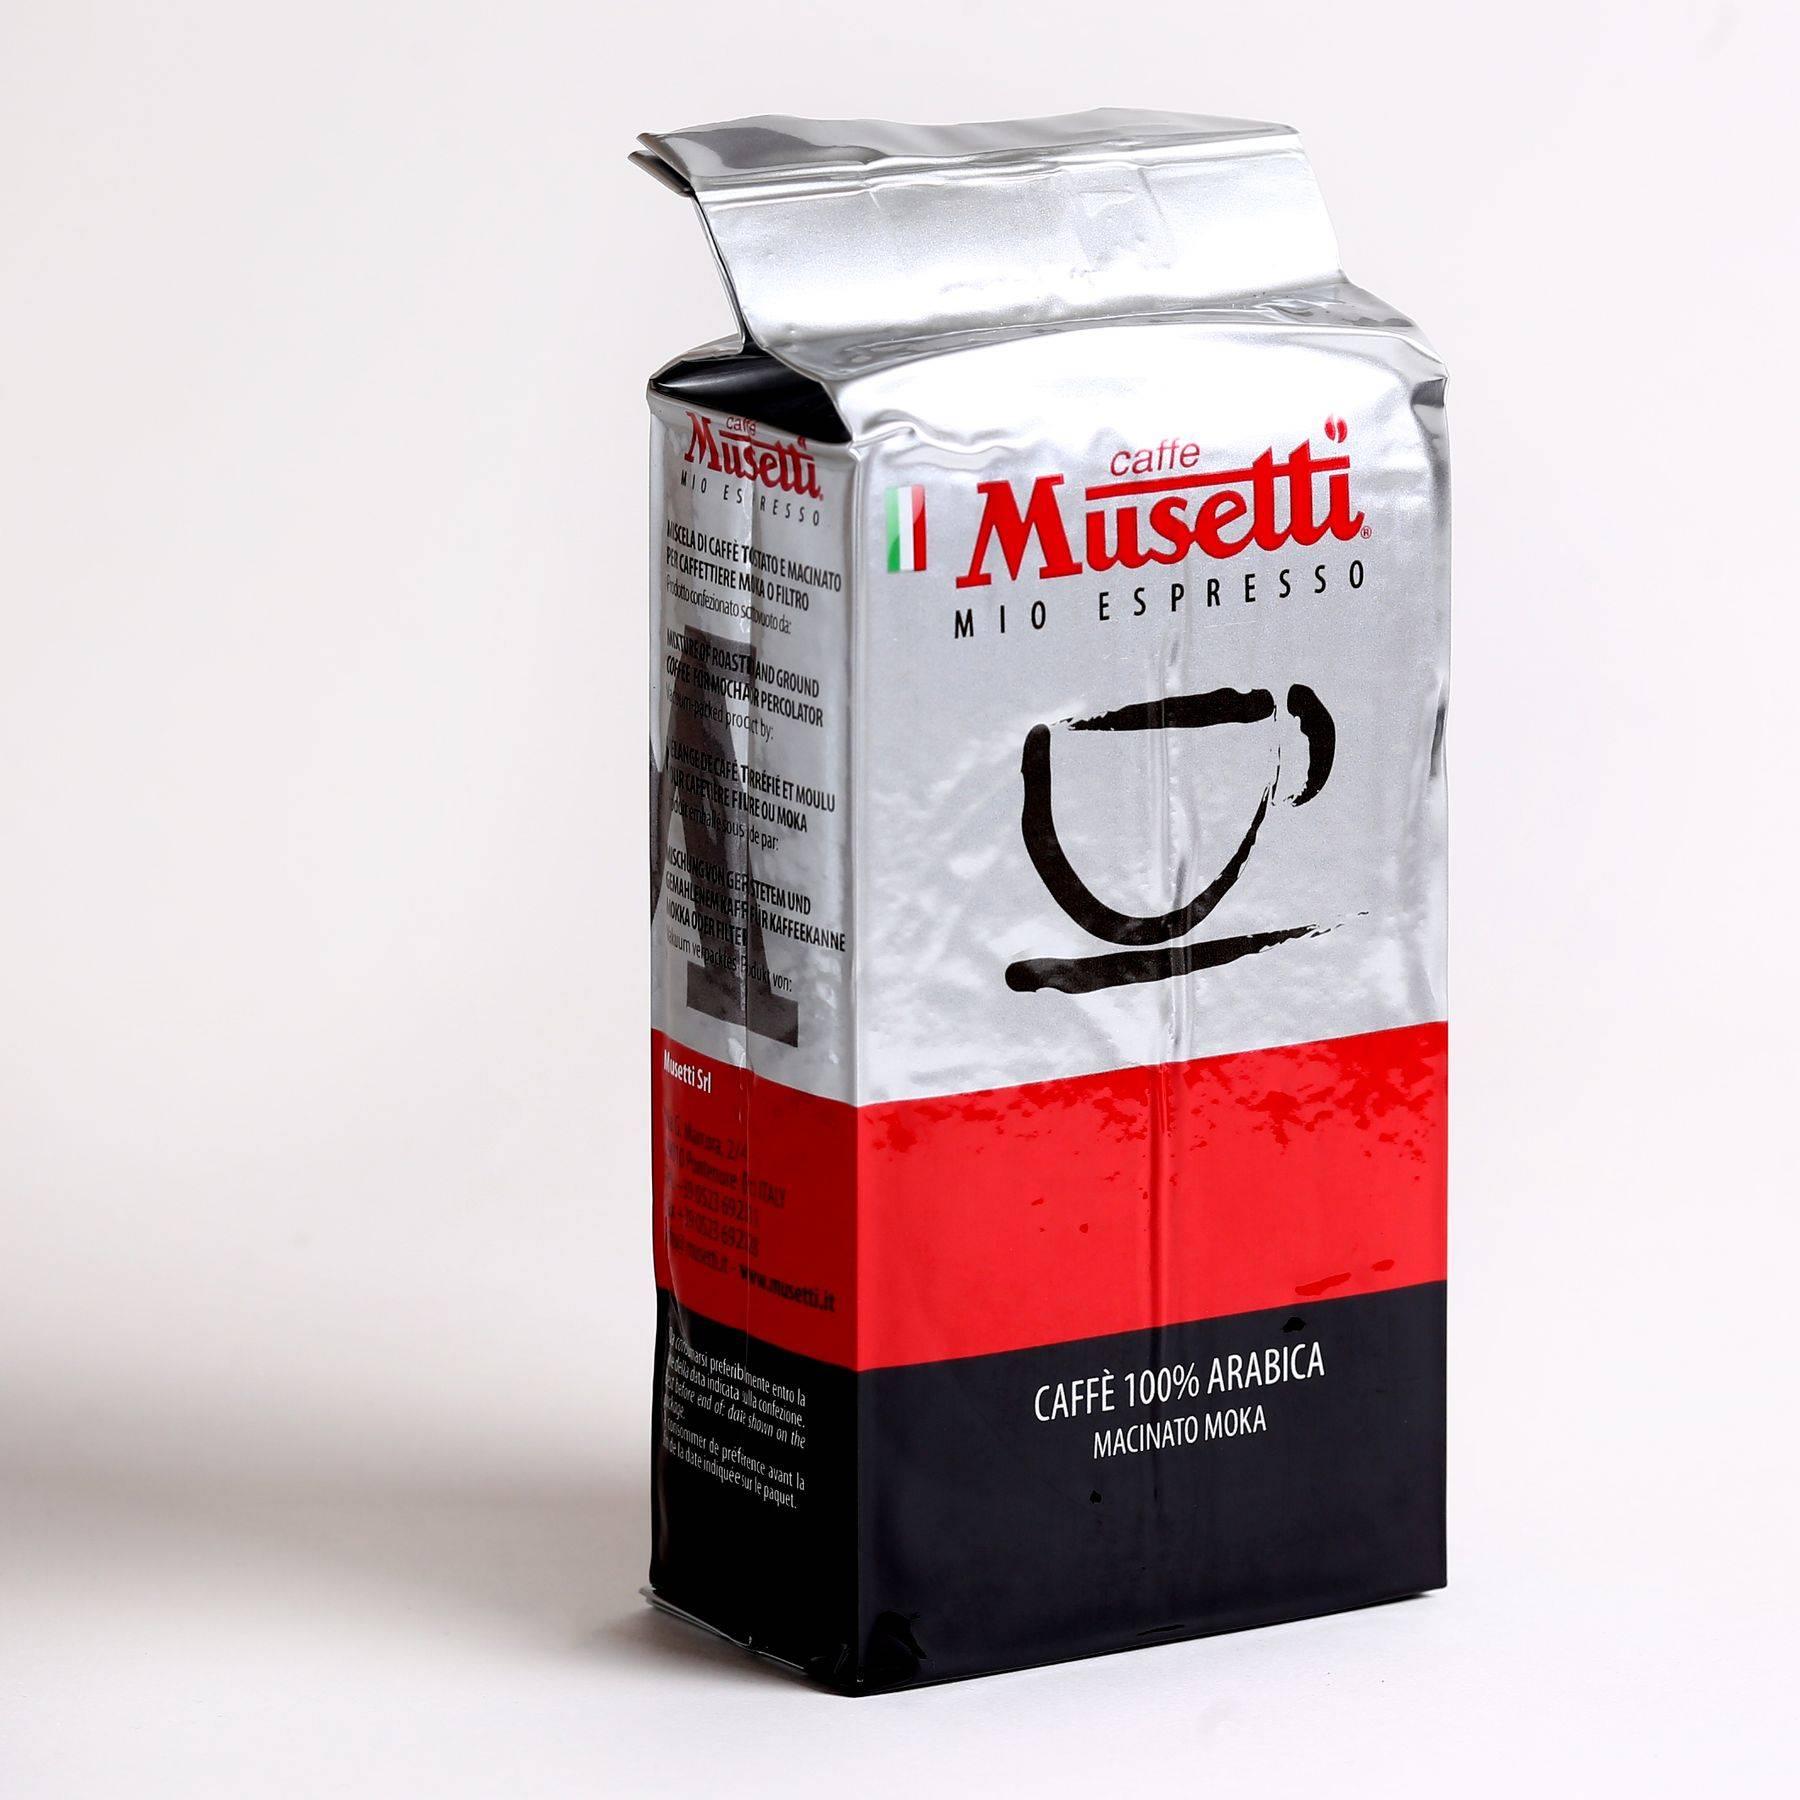 Топ-13 молотого кофе: рейтинг лучших + рекомендации, как выбрать кофе